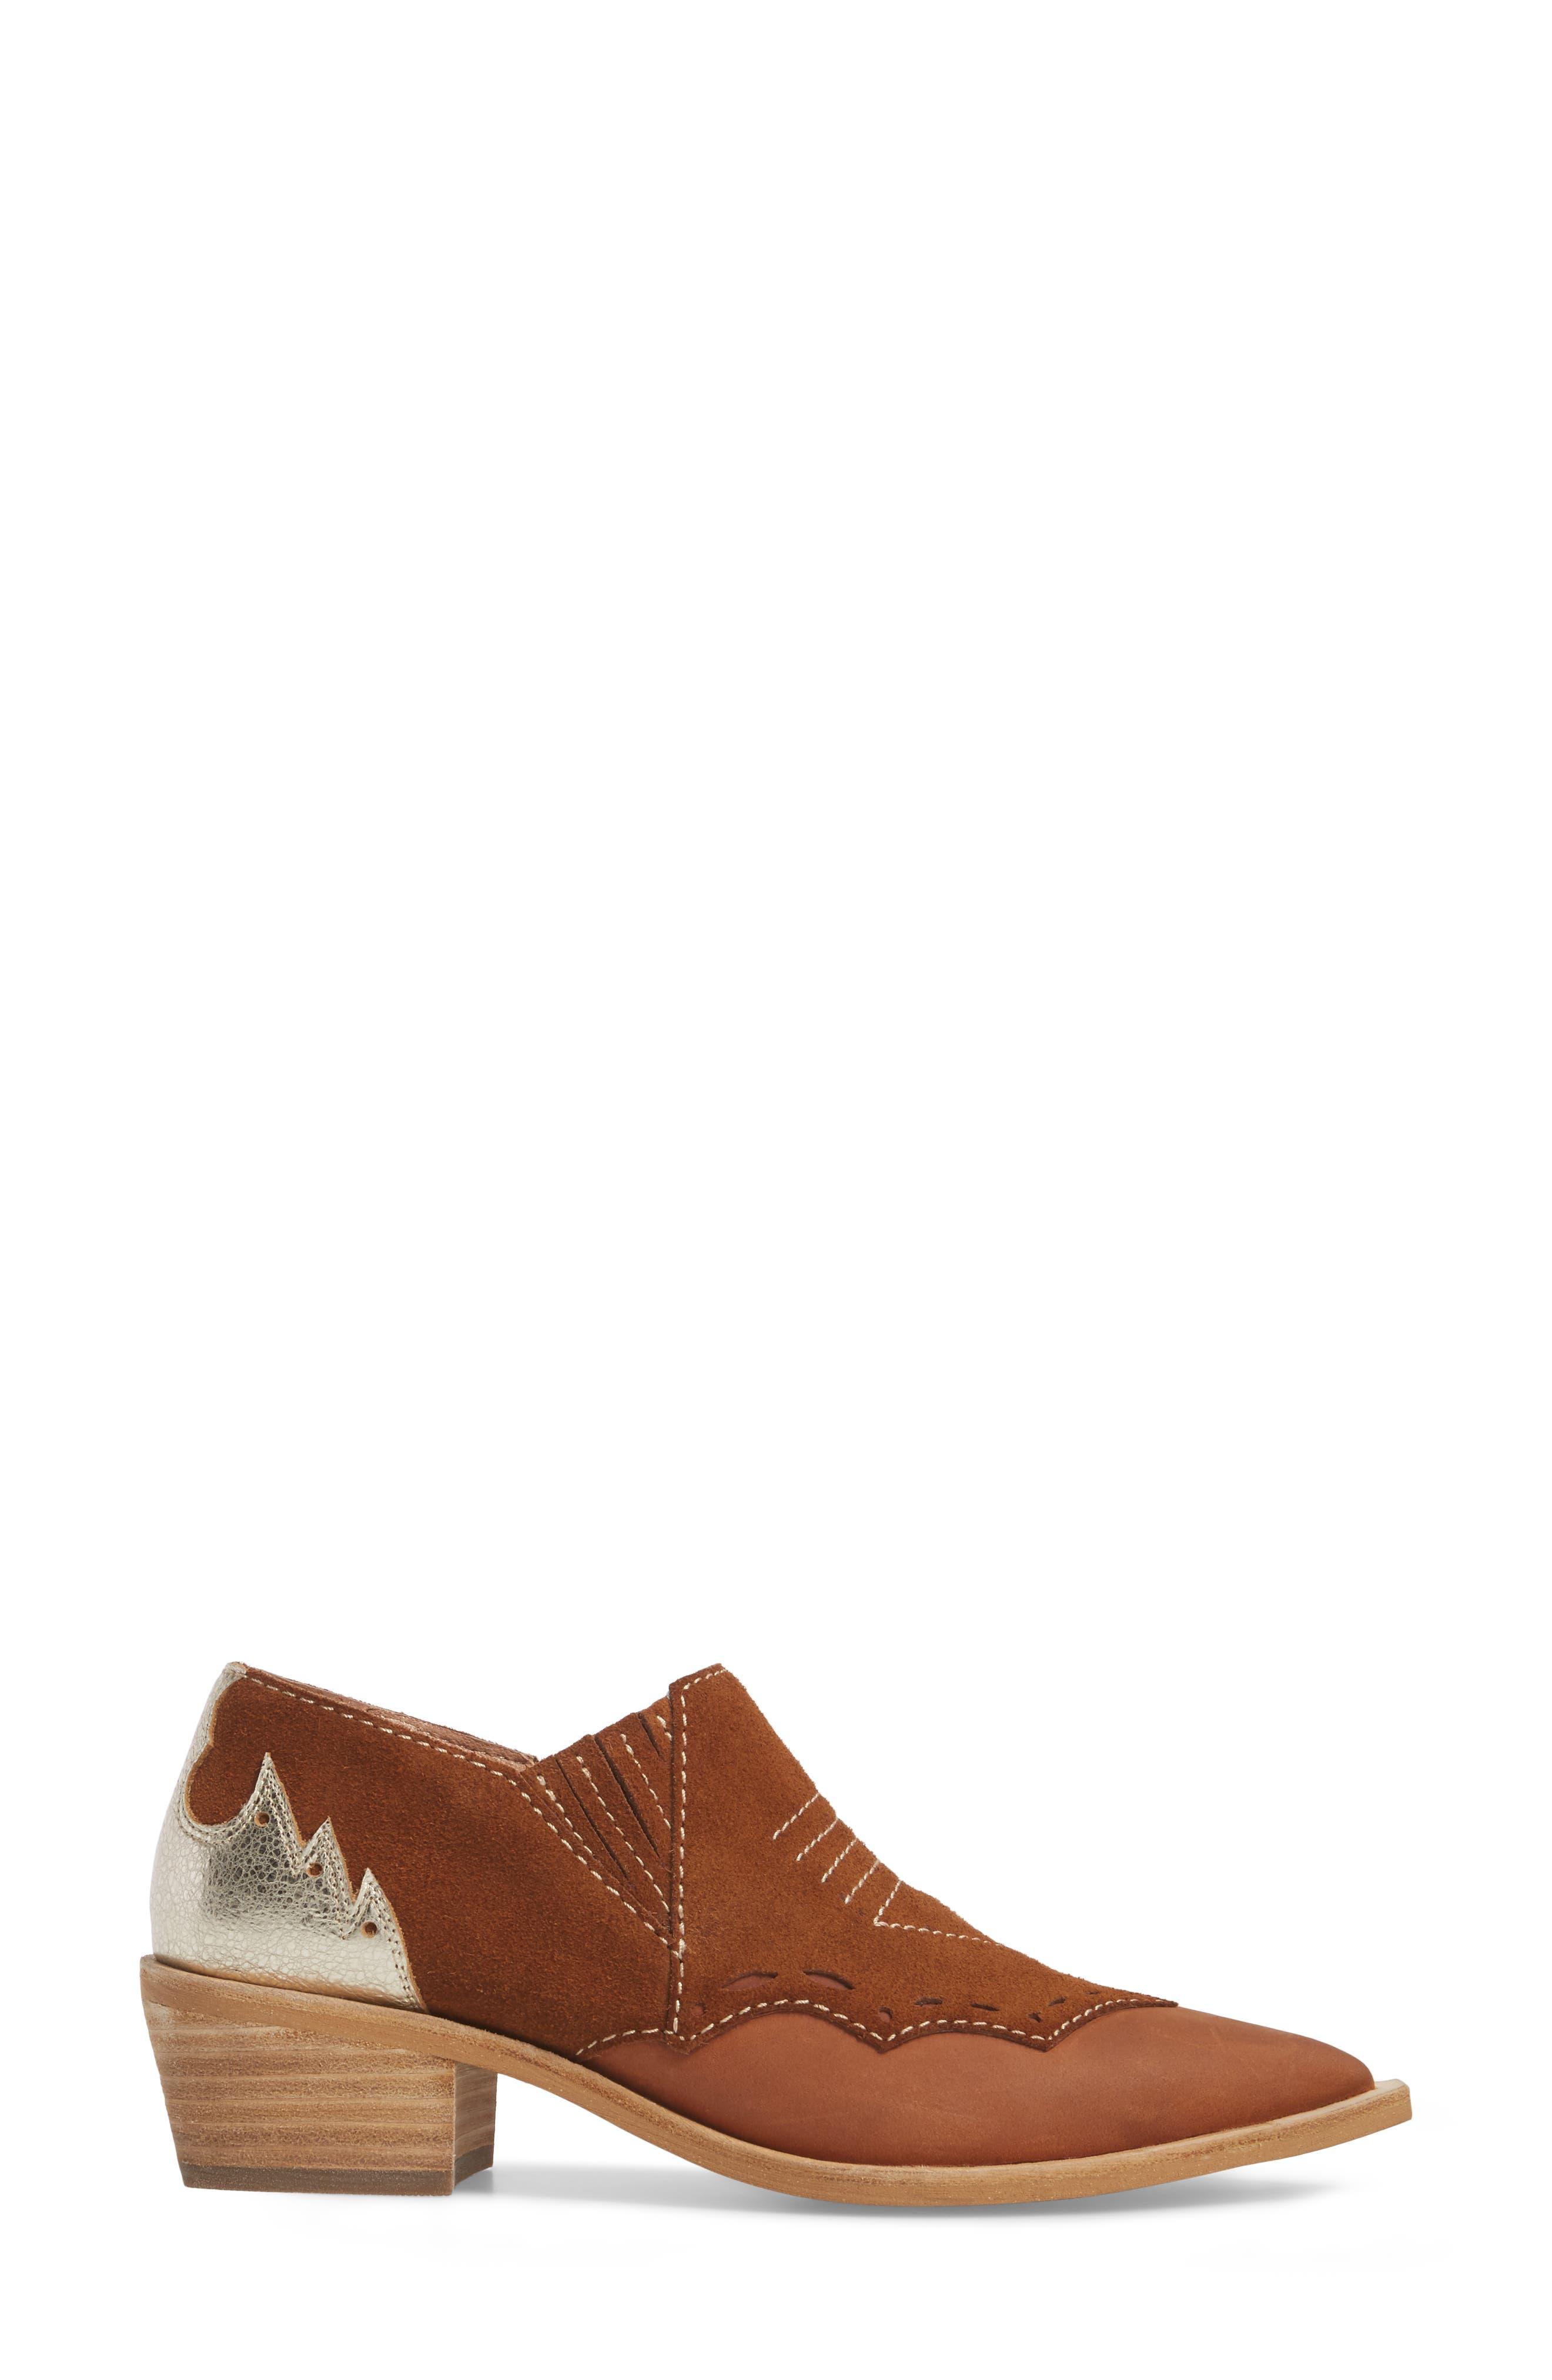 Warner Western Bootie,                             Alternate thumbnail 3, color,                             Brown/ Deep Maroon Leather